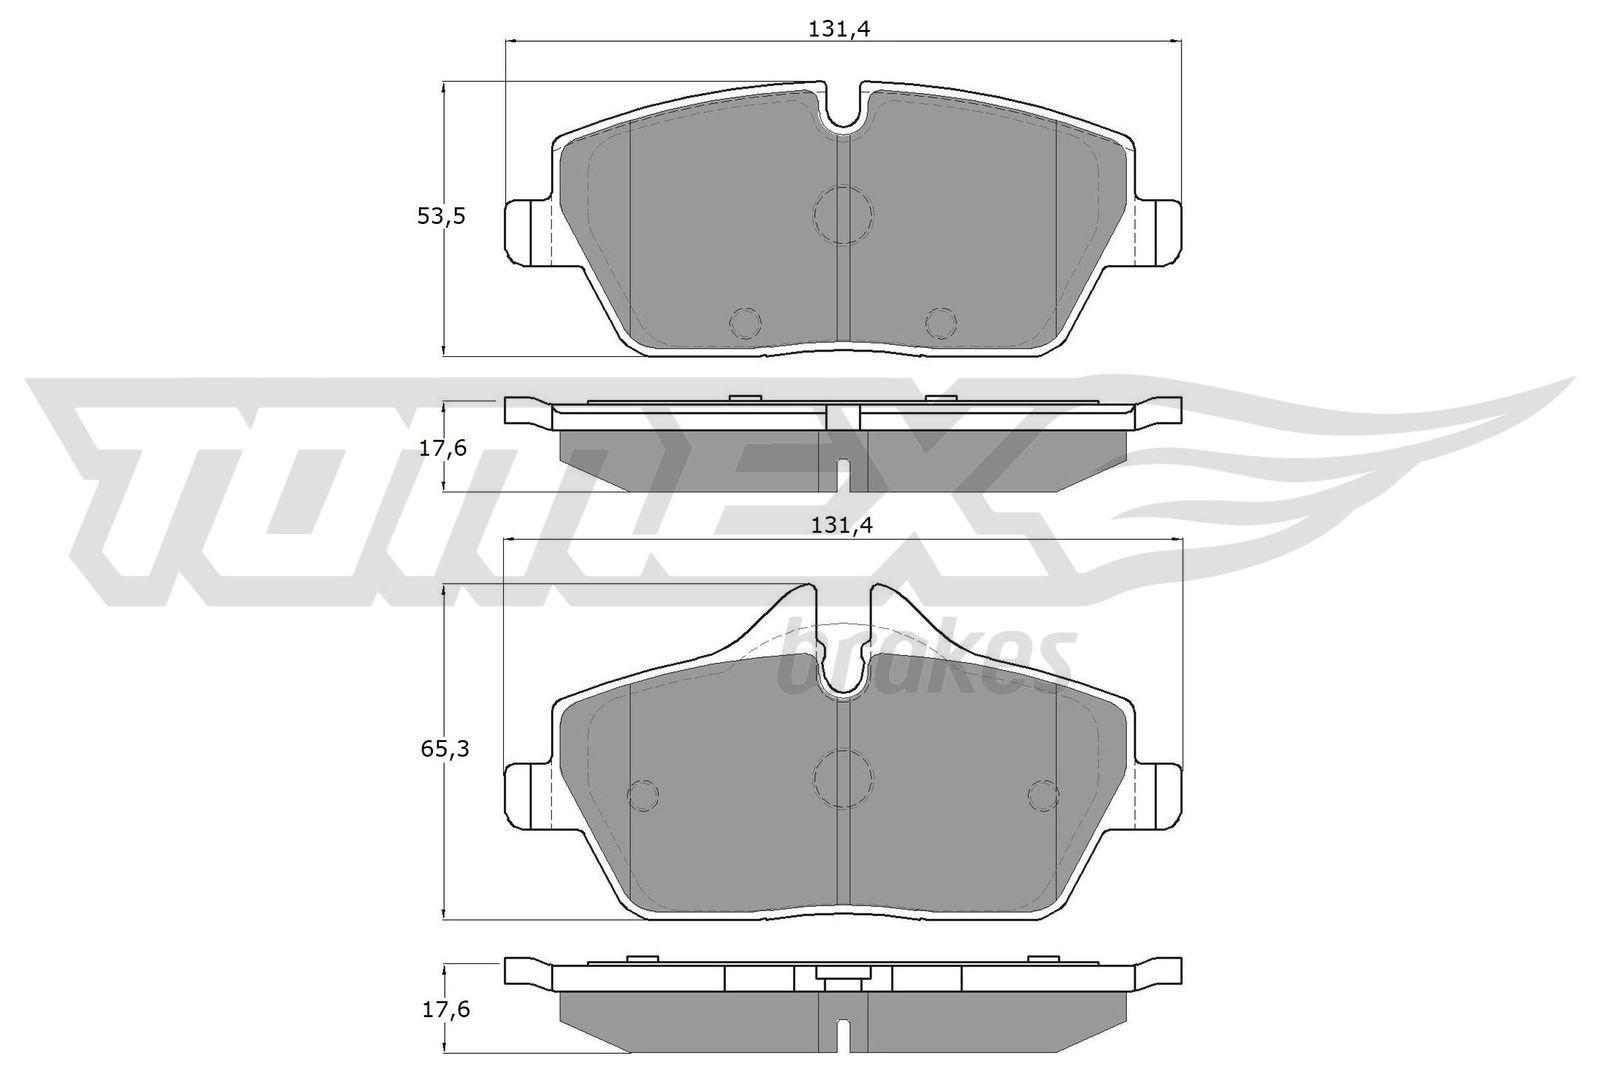 23916 TOMEX brakes Vorderachse, für Verschleißwarnanzeiger vorbereitet Höhe 1: 65,3mm, Höhe 2: 53,5mm, Breite: 131,4mm, Dicke/Stärke: 17,6mm Bremsbelagsatz, Scheibenbremse TX 14-33 günstig kaufen